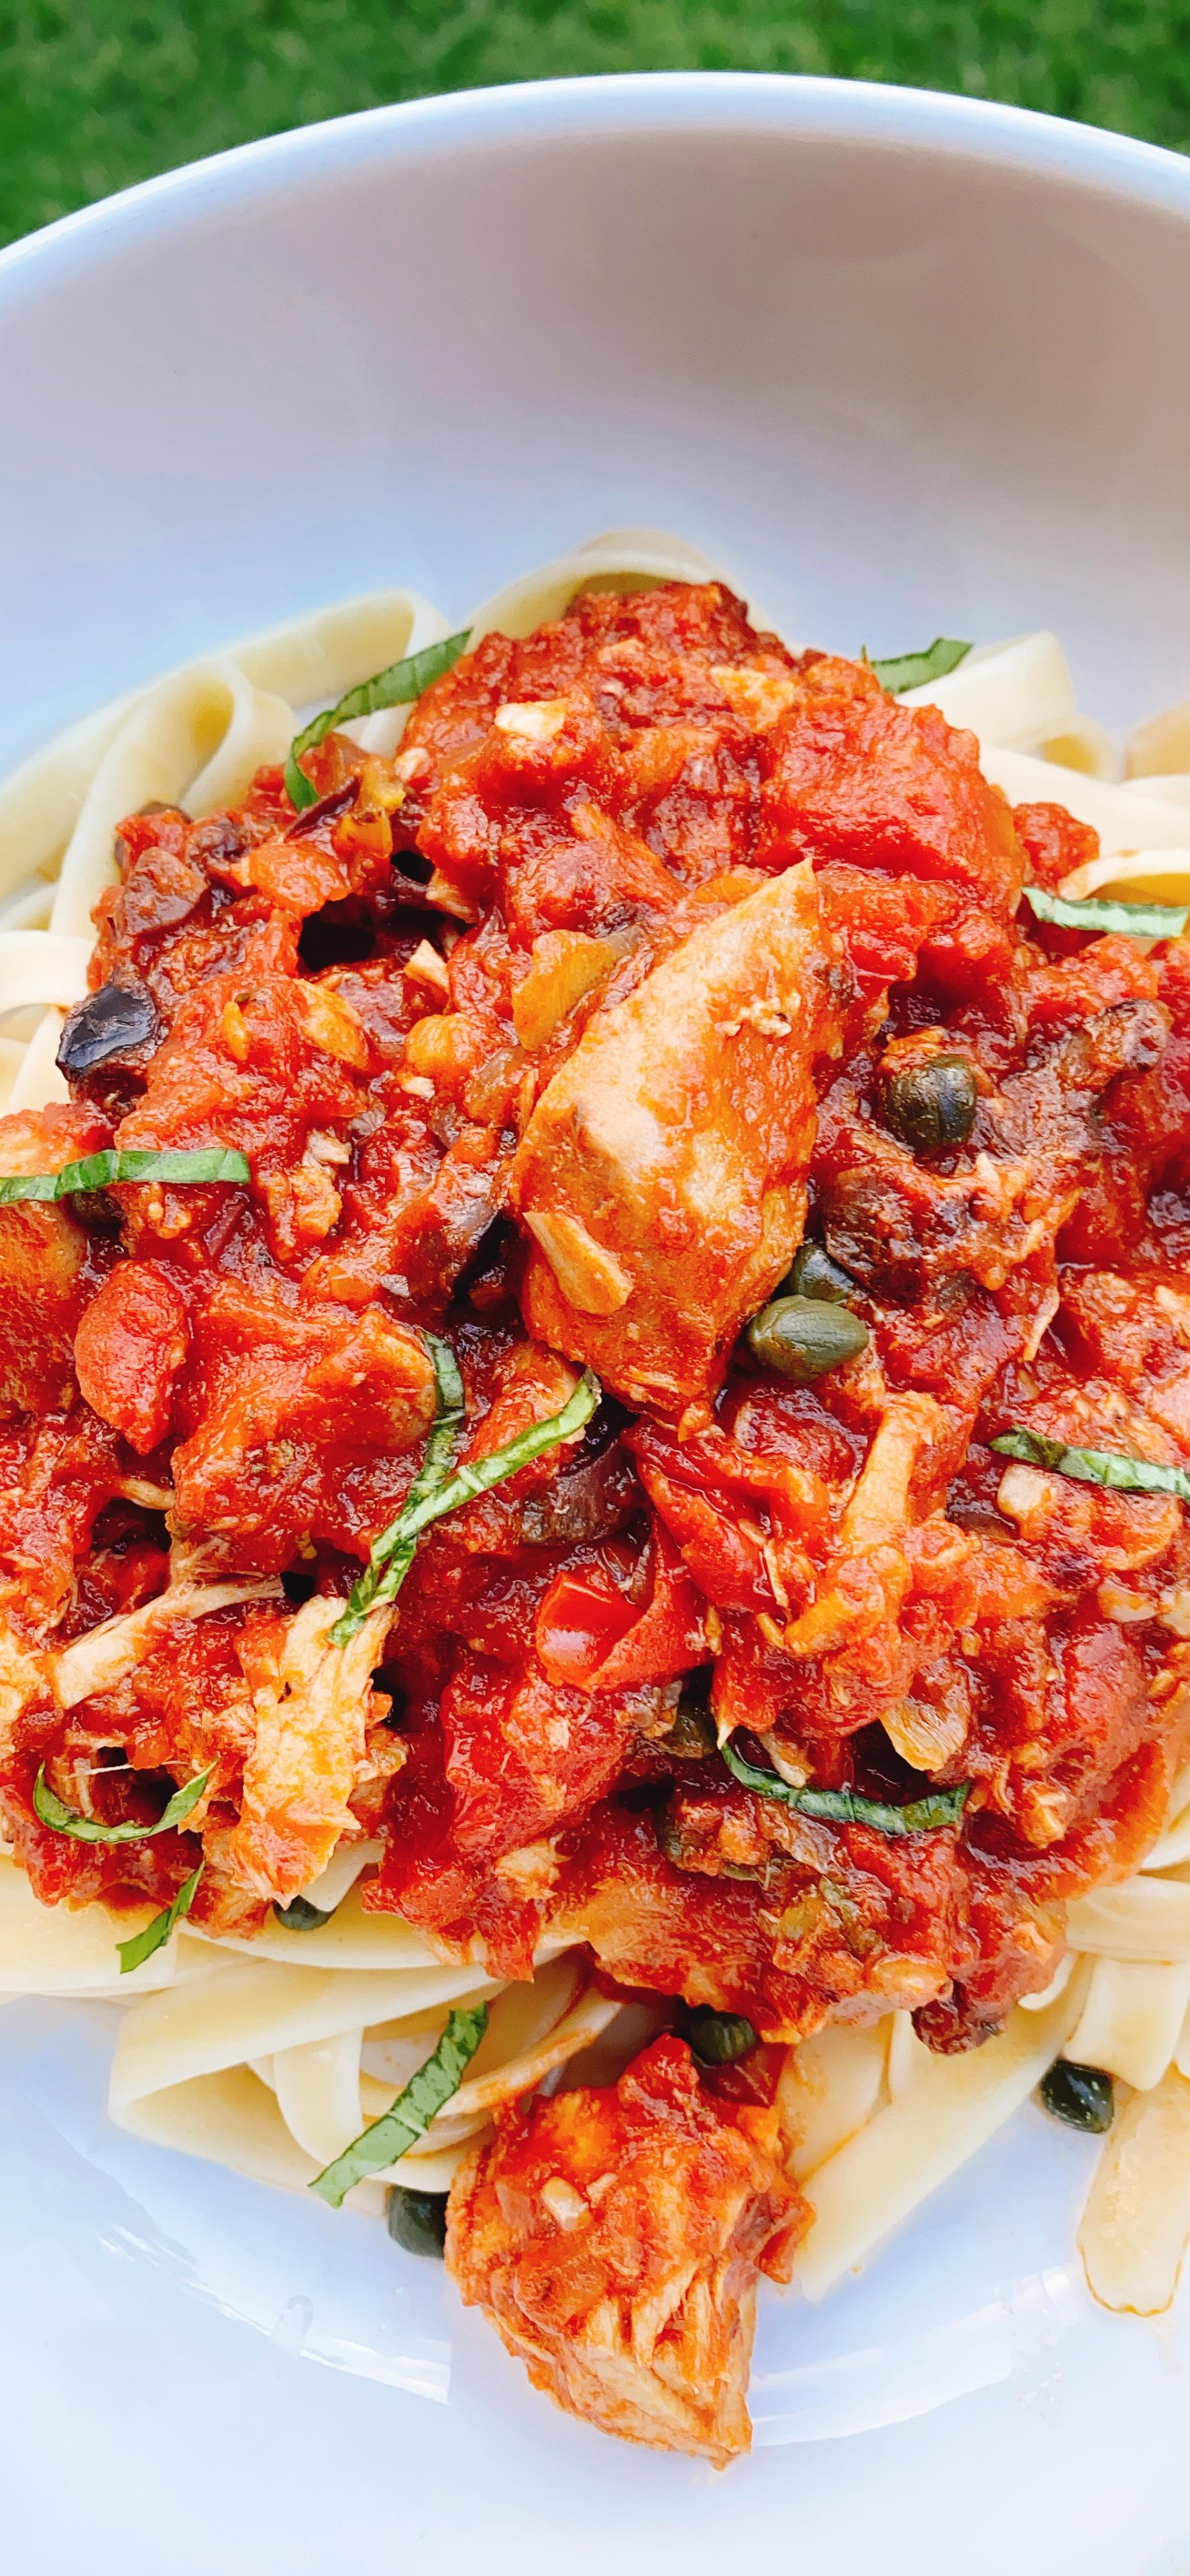 Spicy Tuna Puttanesca